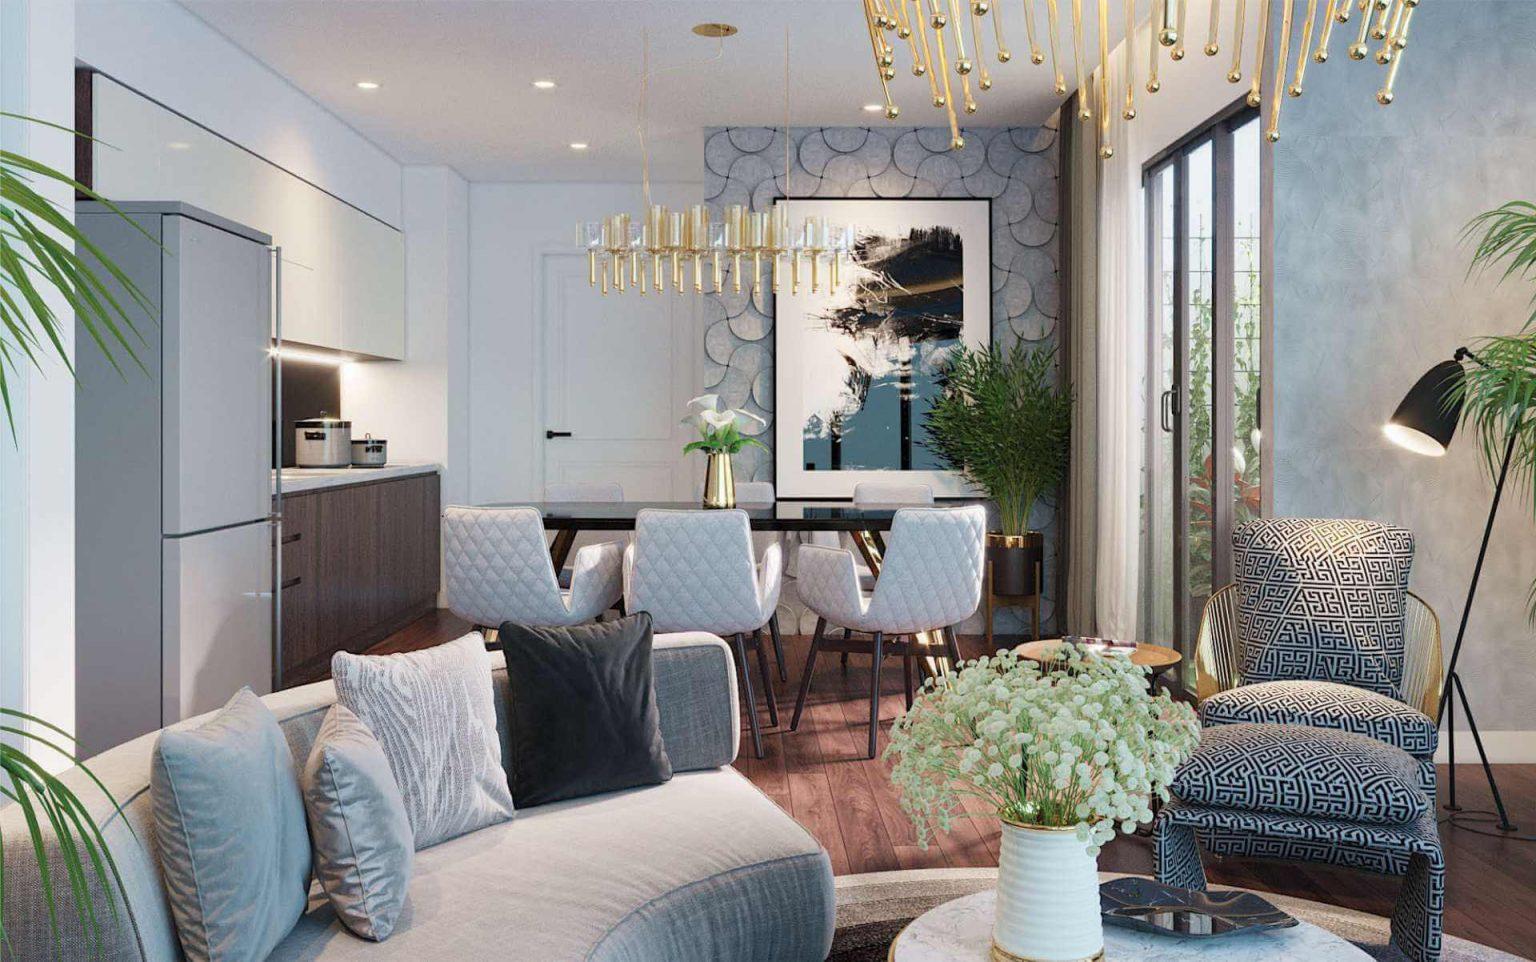 thu-vien-du-an-Calla-Apartment-quy-nhon-1536x962